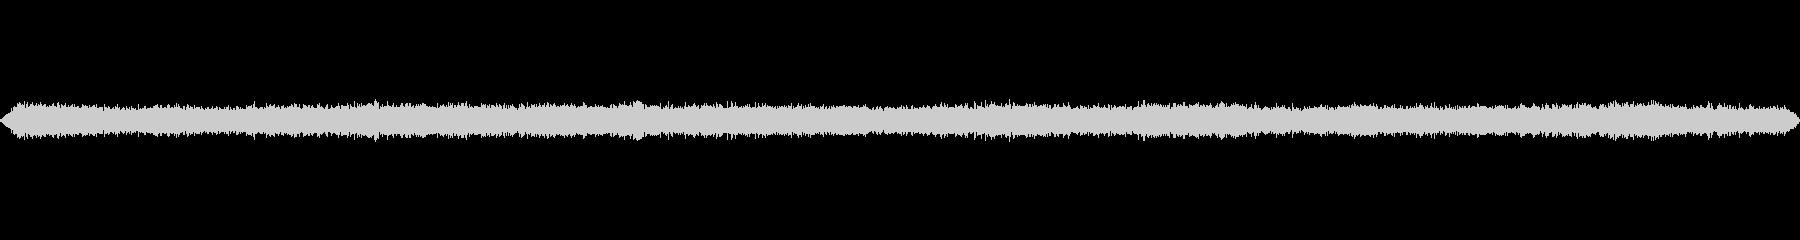 海岸通りの環境音(ベースノイズ)の未再生の波形